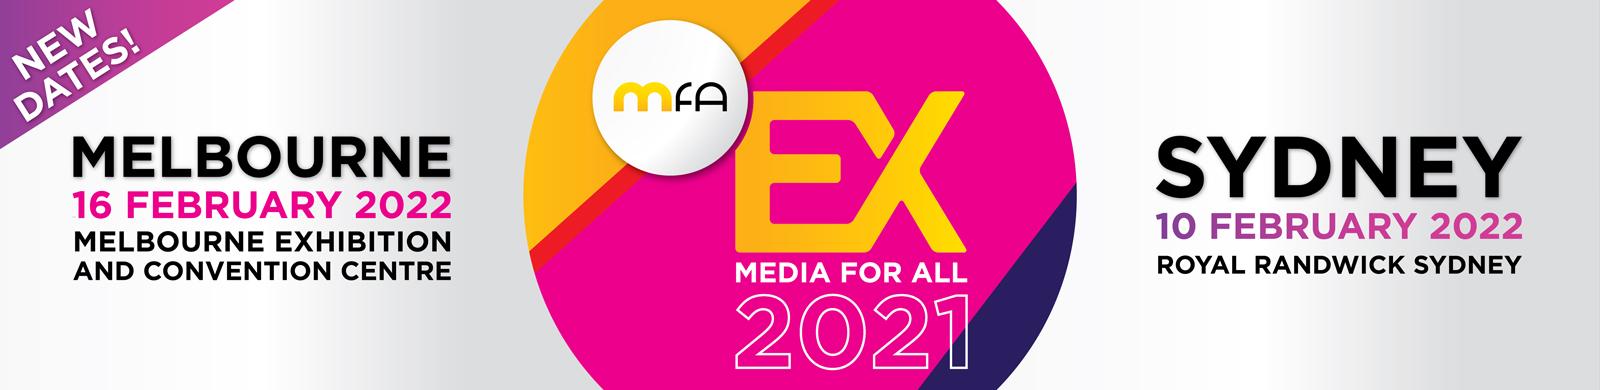 MFAEX_NewDates2022_SYDMEL_WebsiteSlider_1600x390px